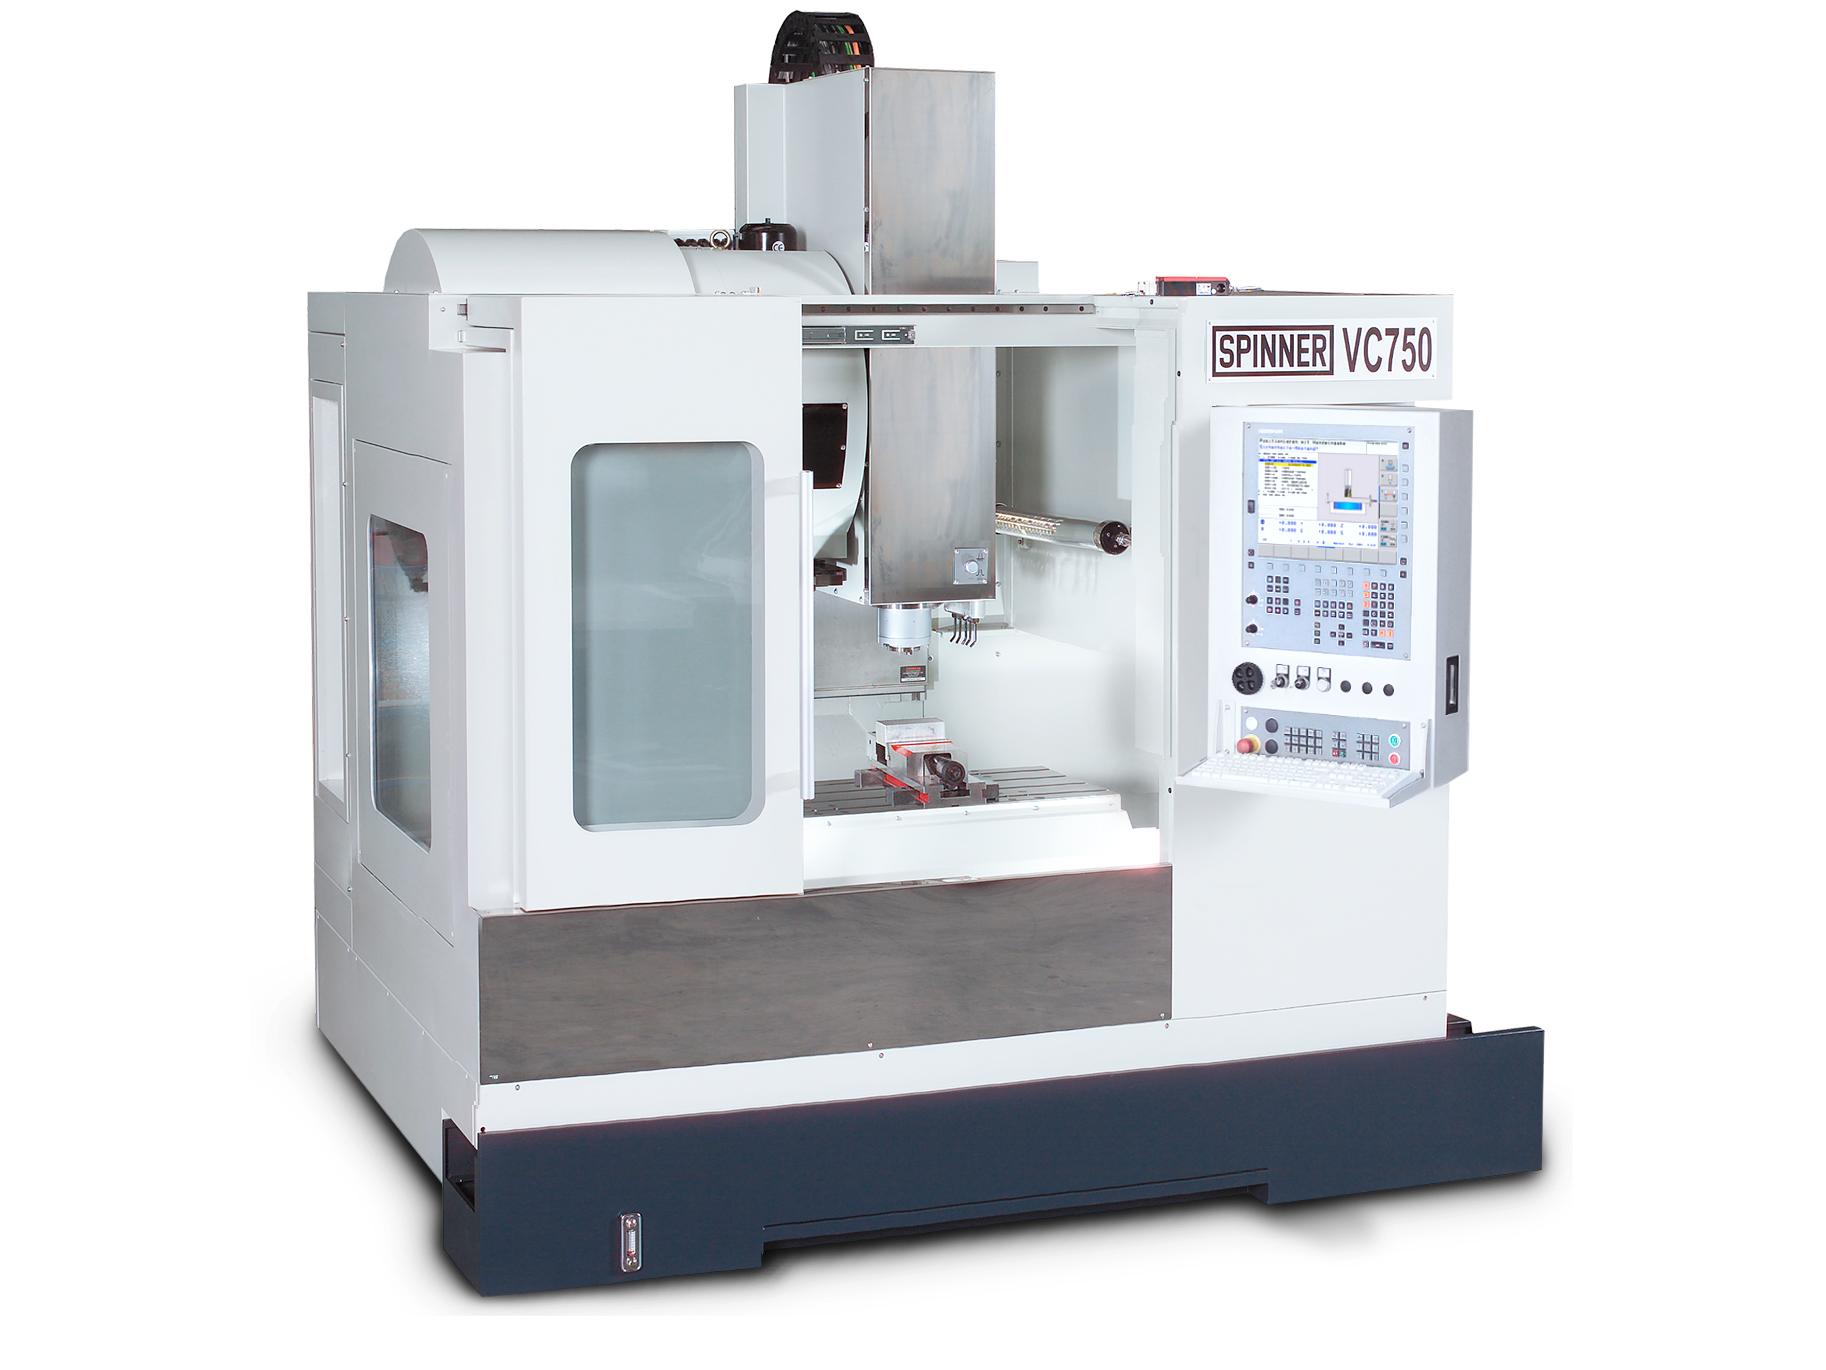 Spinner AG - Hochleistungsbearbeitungszentrum VC750-XL mit Heidenhain TNC 620